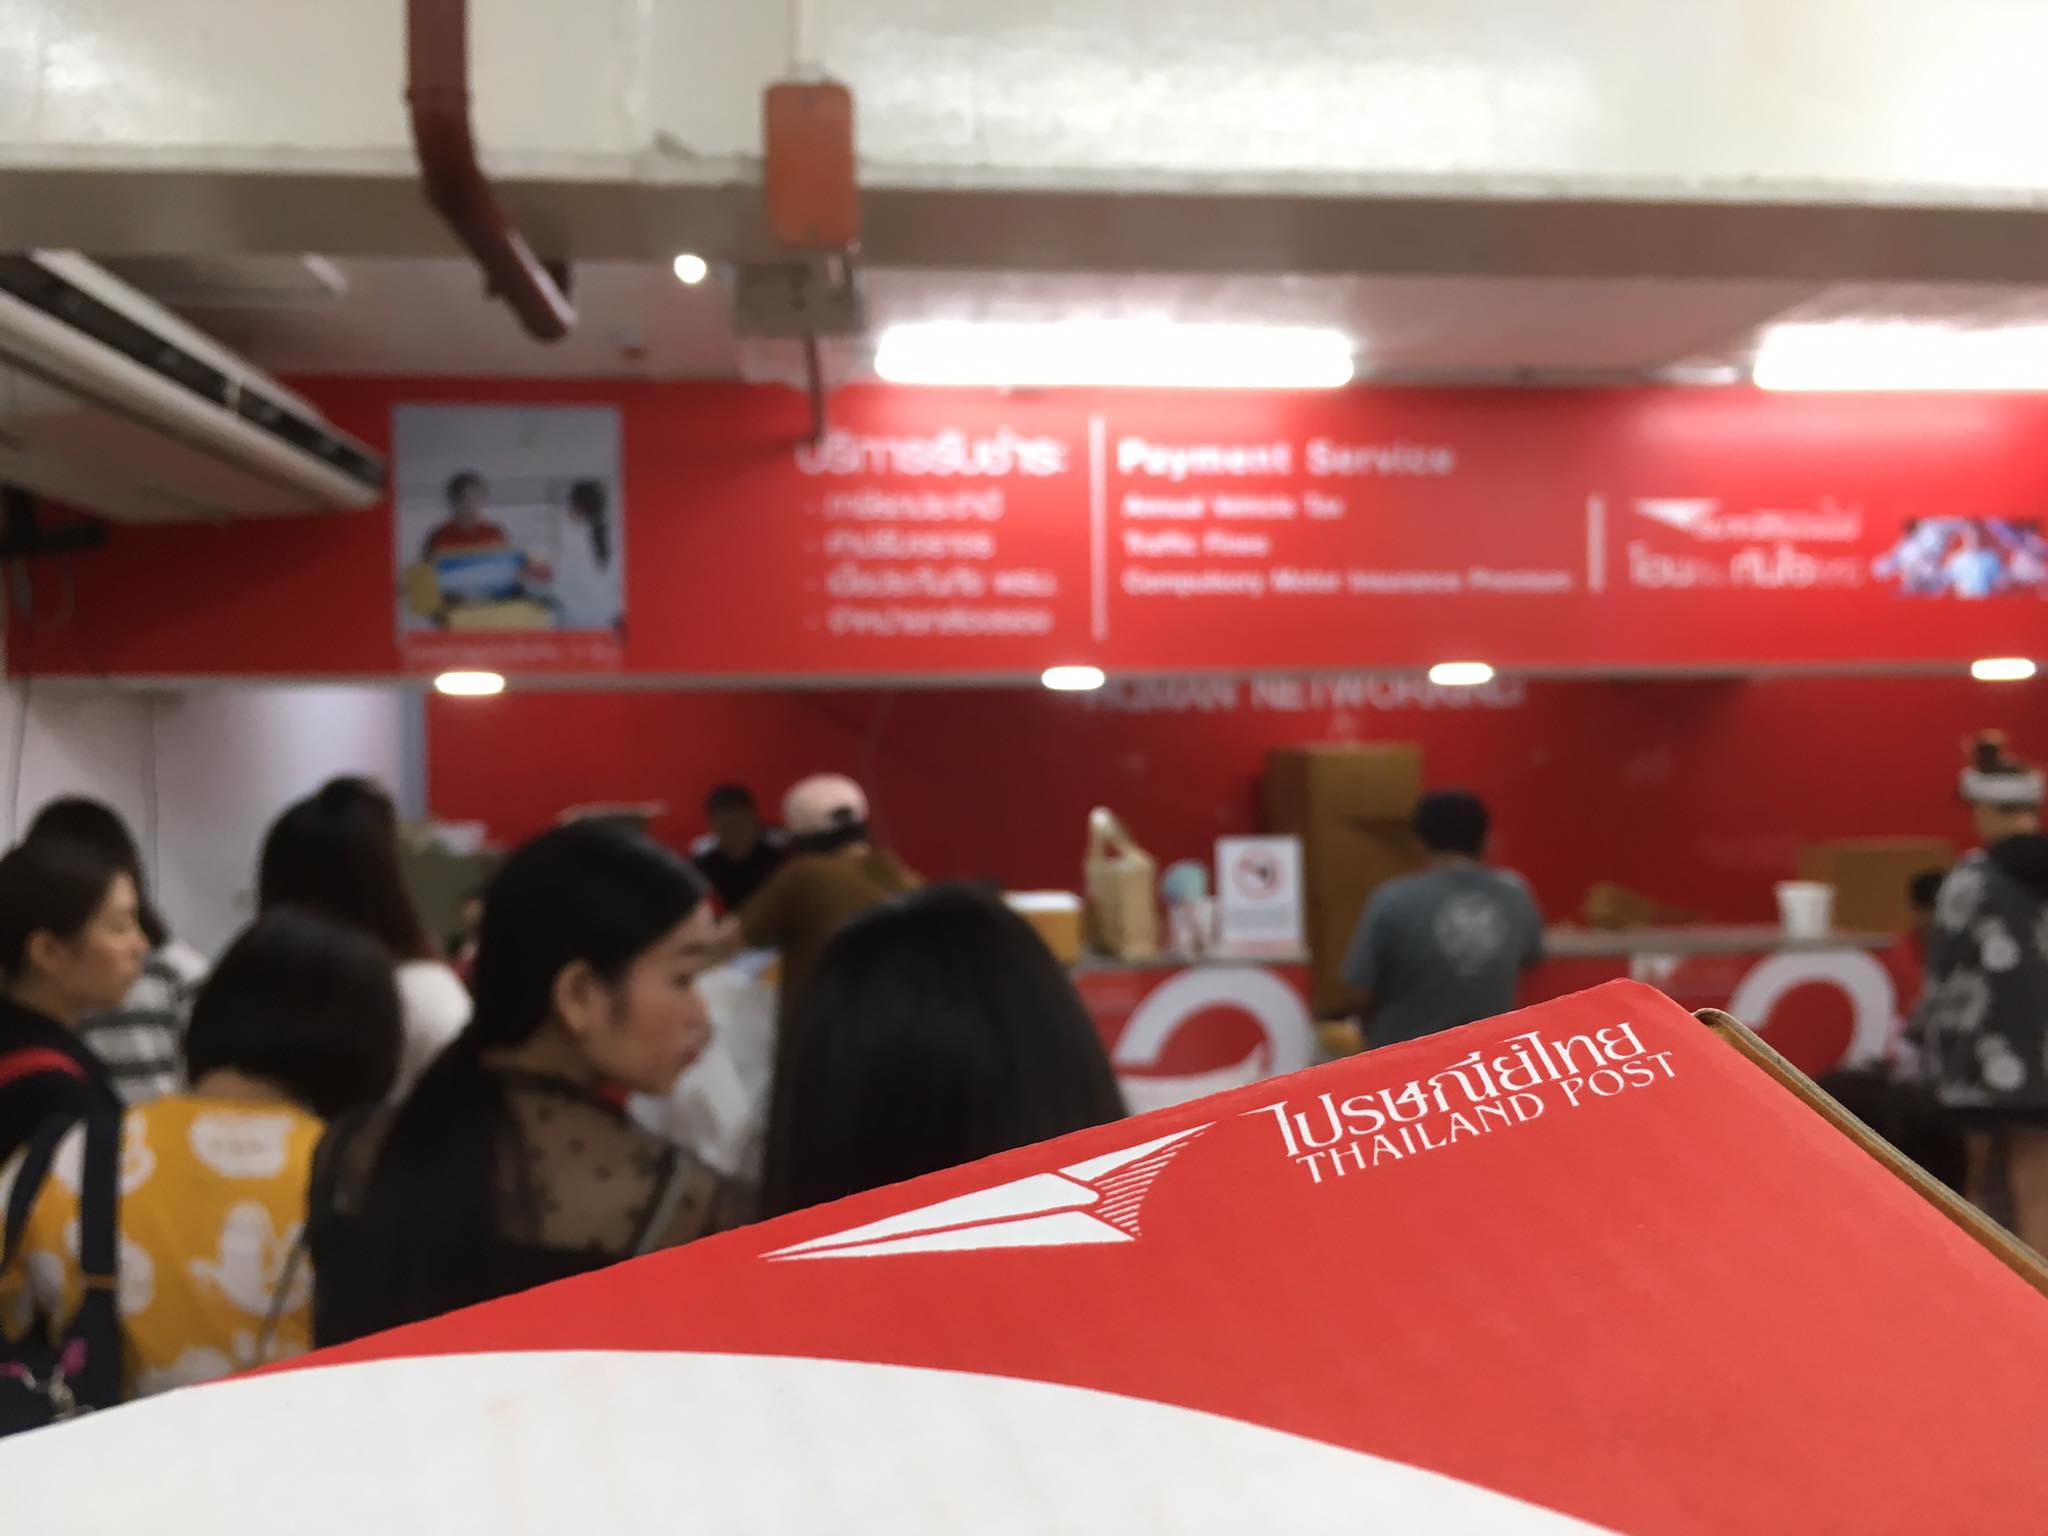 """ส่งของไม่ทันไม่ใช่ปัญหา """"ไปรษณีย์ไทย"""" เปิดให้บริการยันดึก 5 ทุ่ม-เที่ยงคืนก็ส่งได้"""